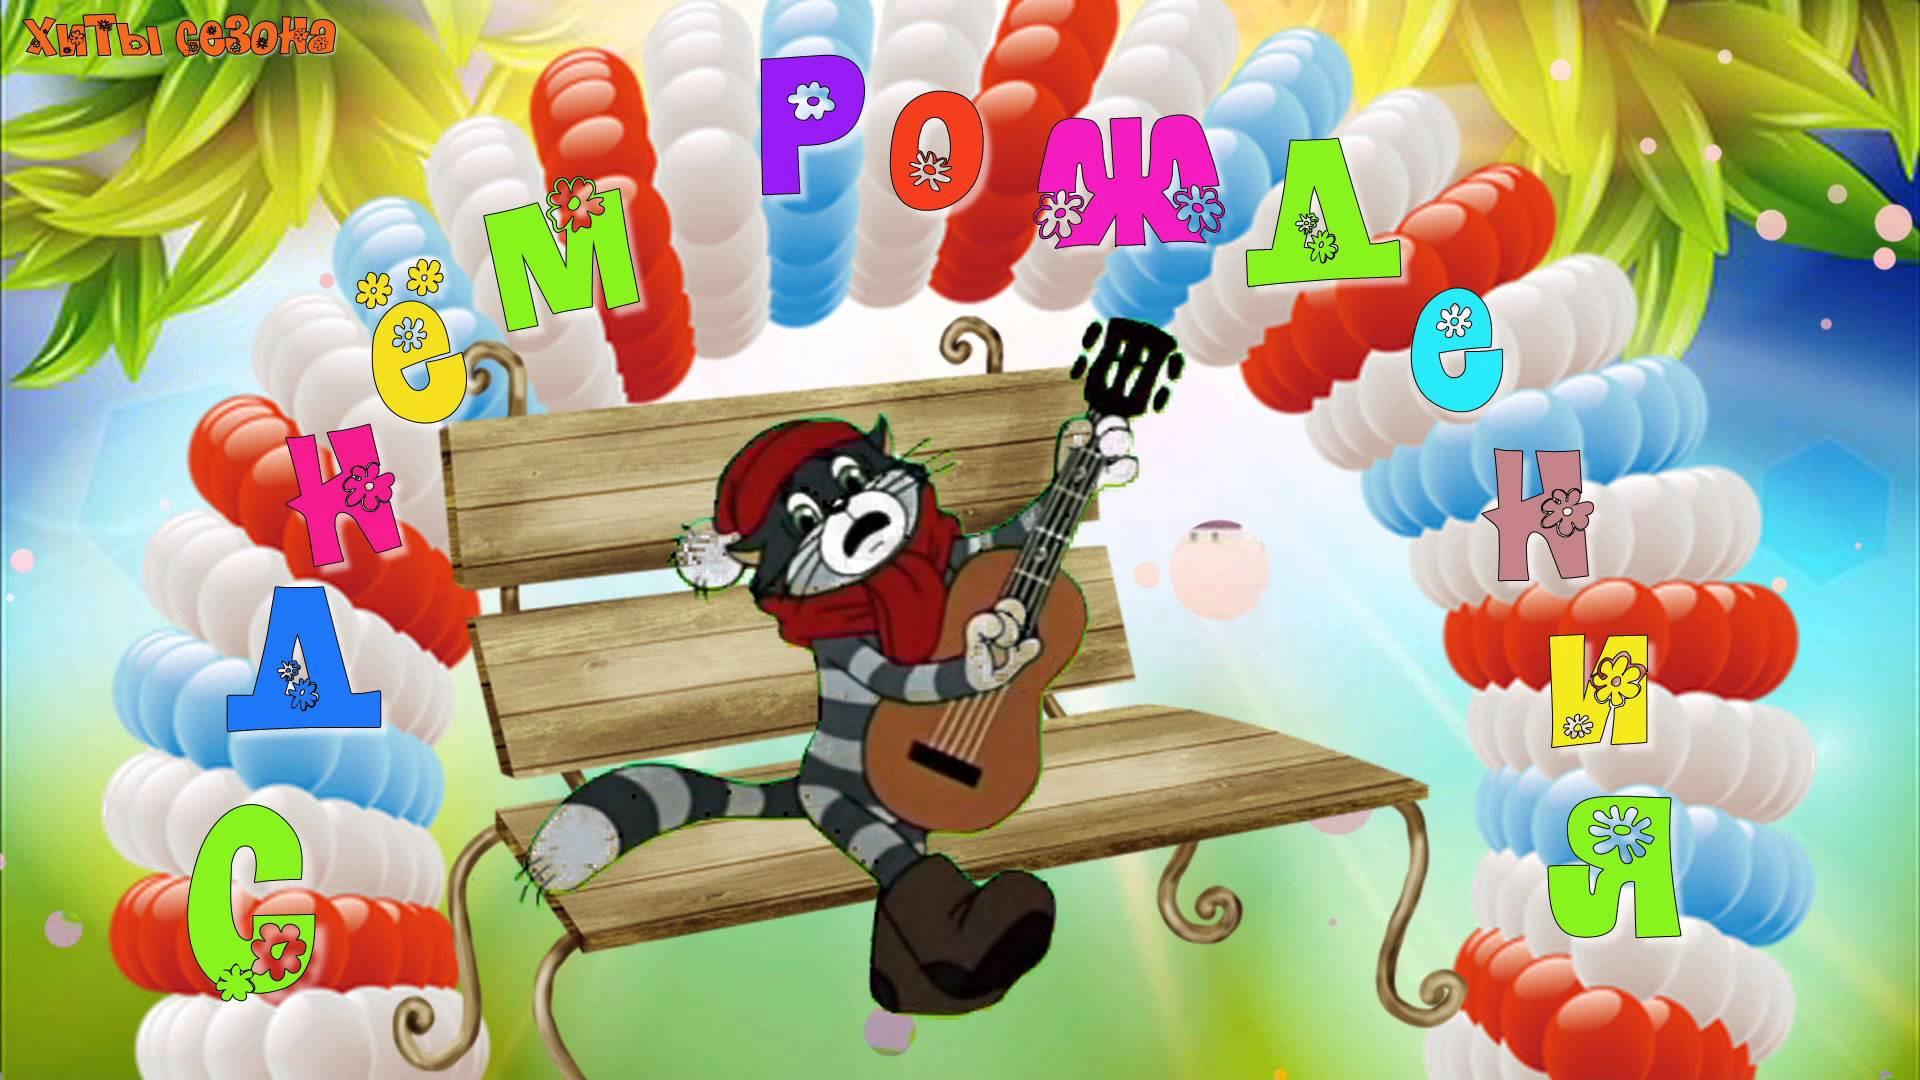 С днем рождения картинки прикольные музыкальные, веселого нового года